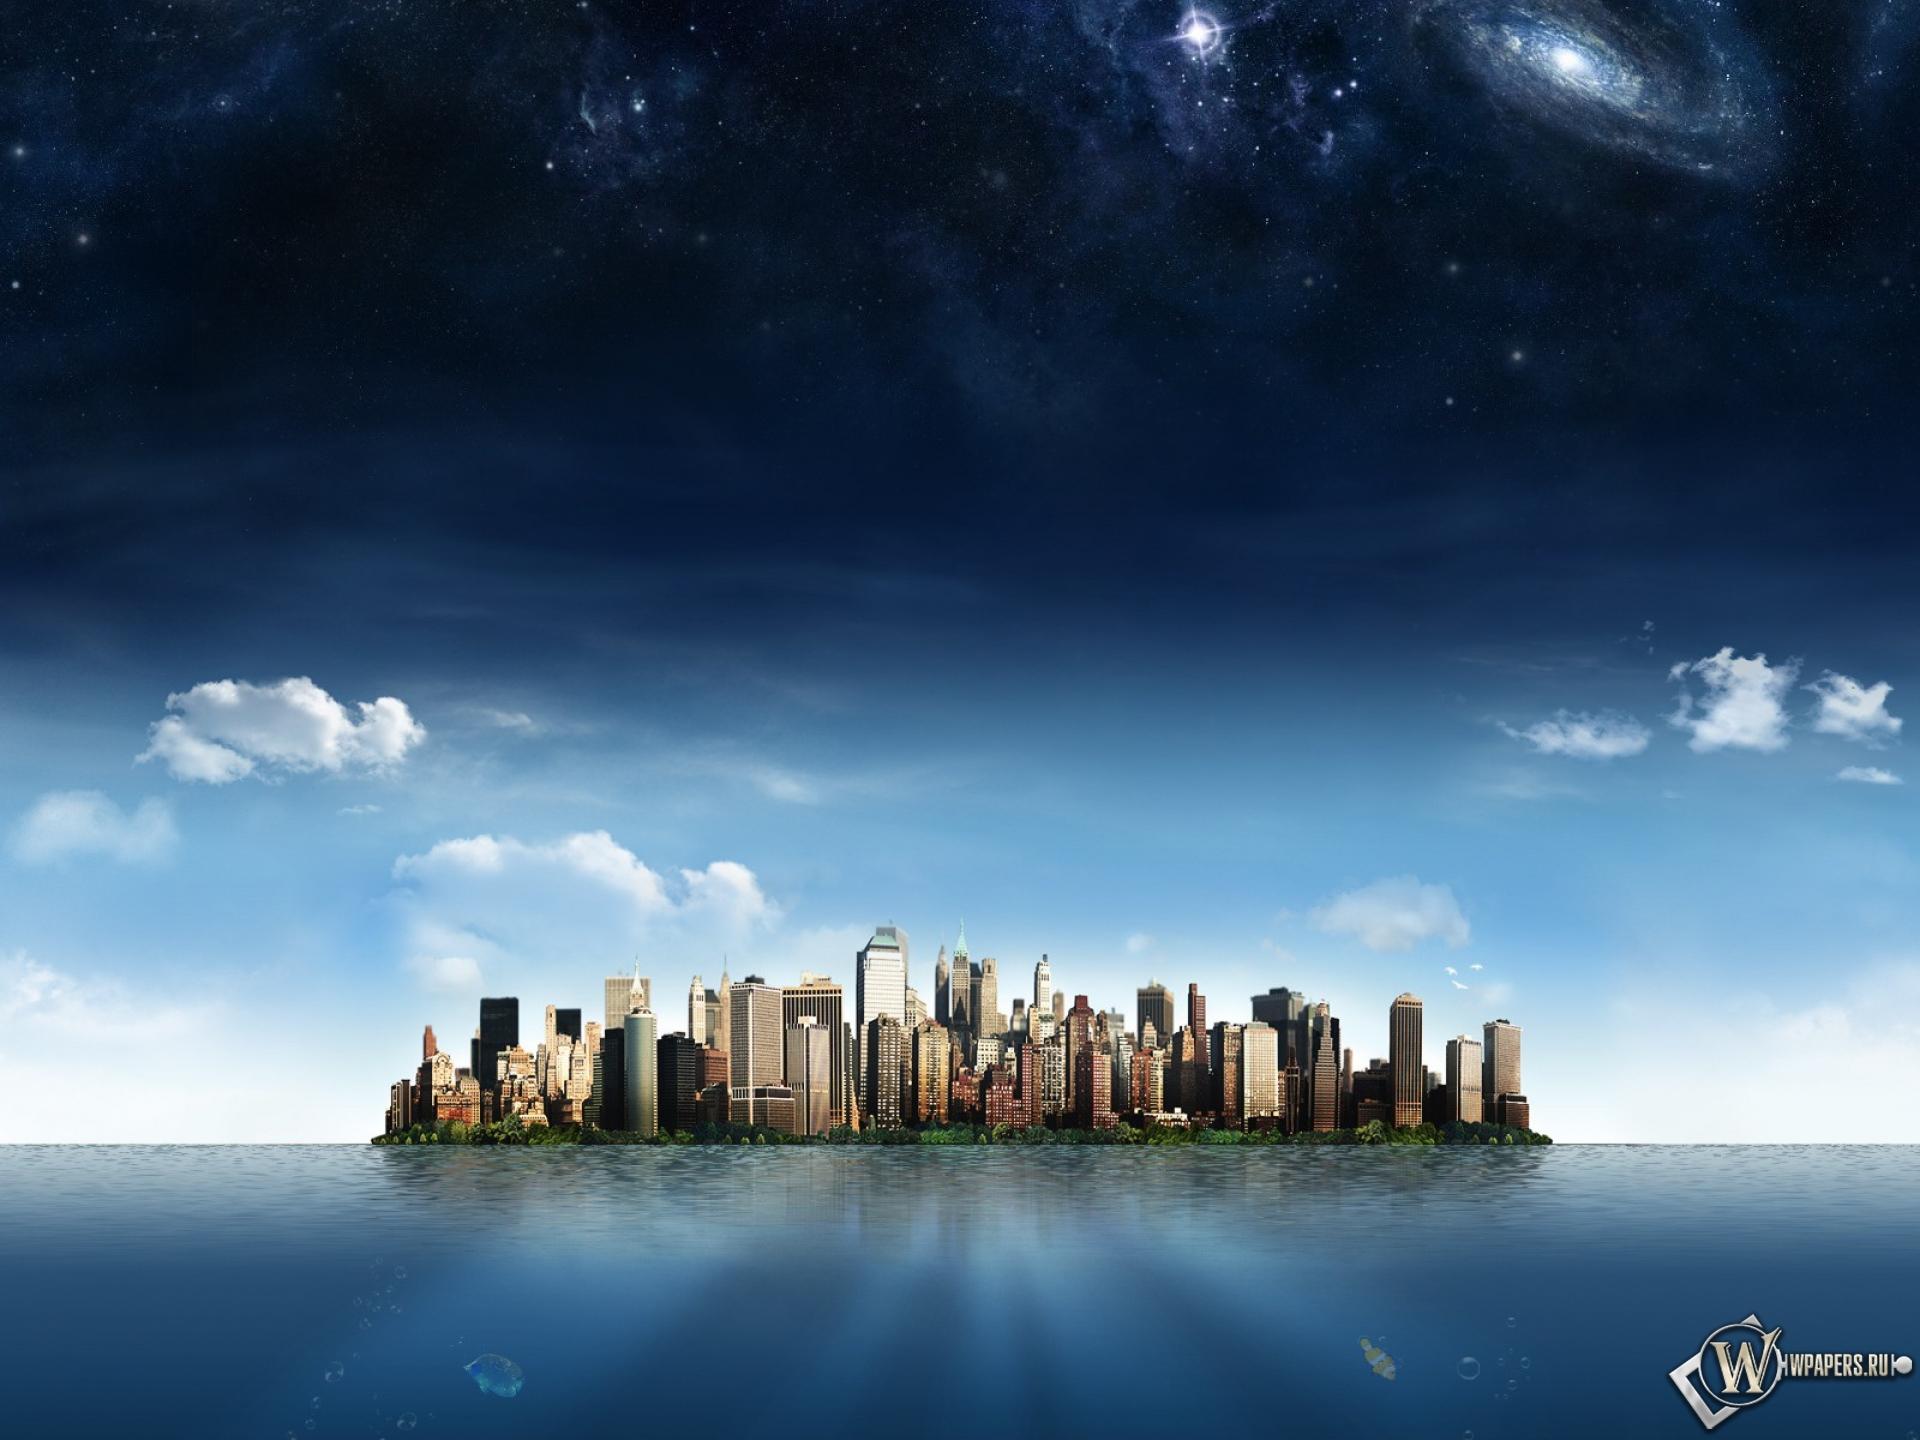 Обоев 360 озеро обоев 138 мегаполис обоев